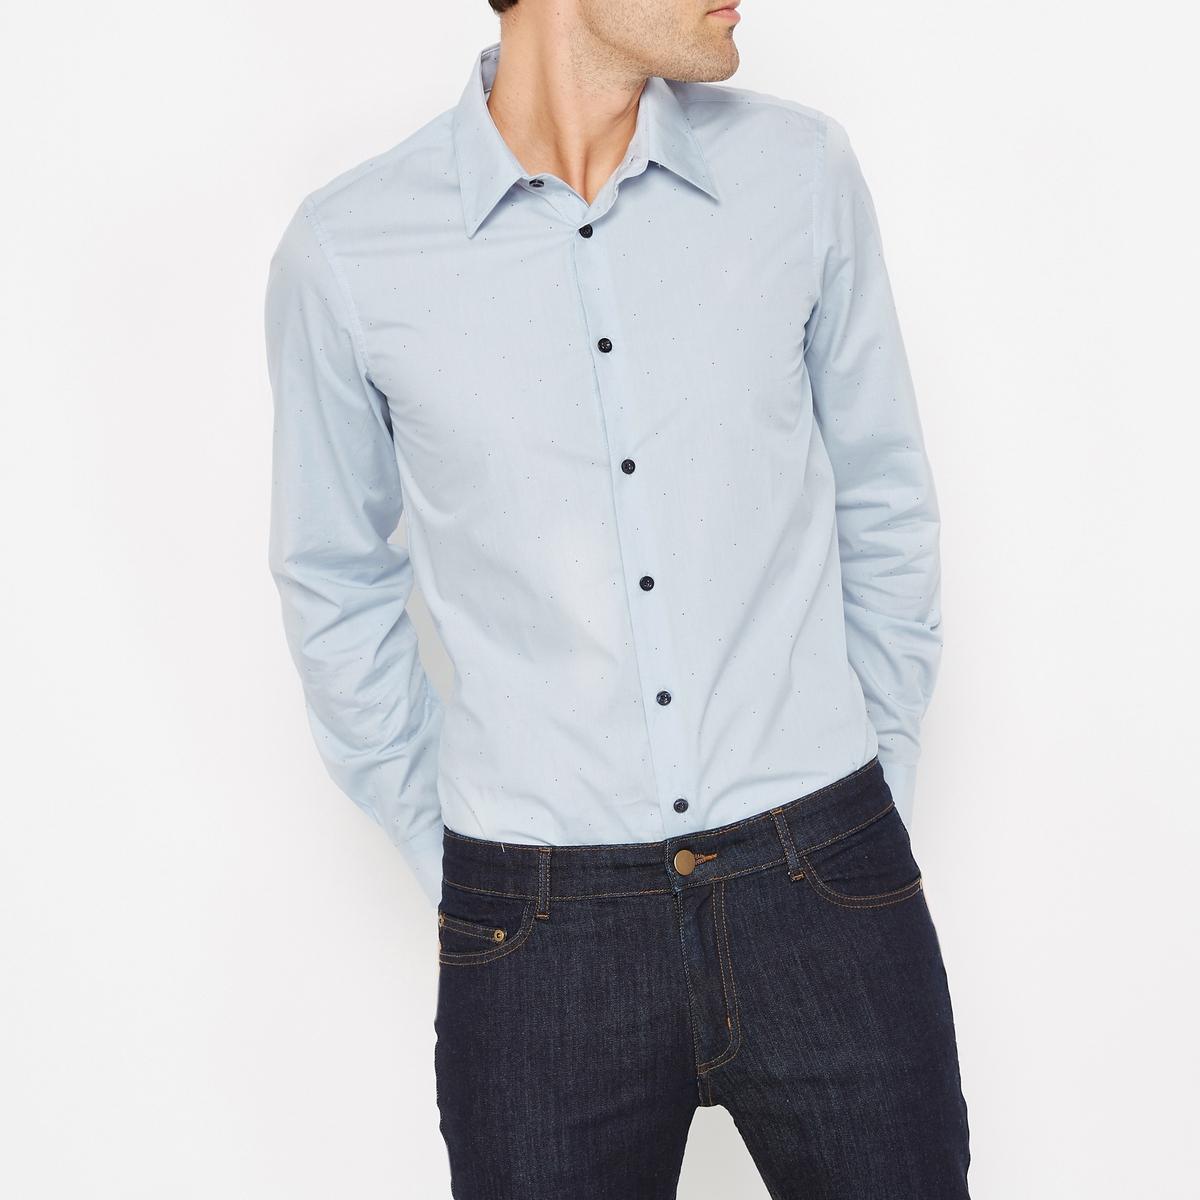 Рубашка узкого покроя в горошекРубашка с рисунком. Зауженный покрой. длинные рукава. Французский воротник с уголками на пуговицах.Состав и описаниеМатериал : 100% хлопок Длина : 79 смМарка : R essentiel.УходМашинная стирка при  40°CСухая (химическая) чистка запрещенаОтбеливание запрещеноСтирка с вещами схожих цветовБарабанная сушка запрещенаГладить на средней температуре<br><br>Цвет: синий/наб. рисунок<br>Размер: 47/48.43/44